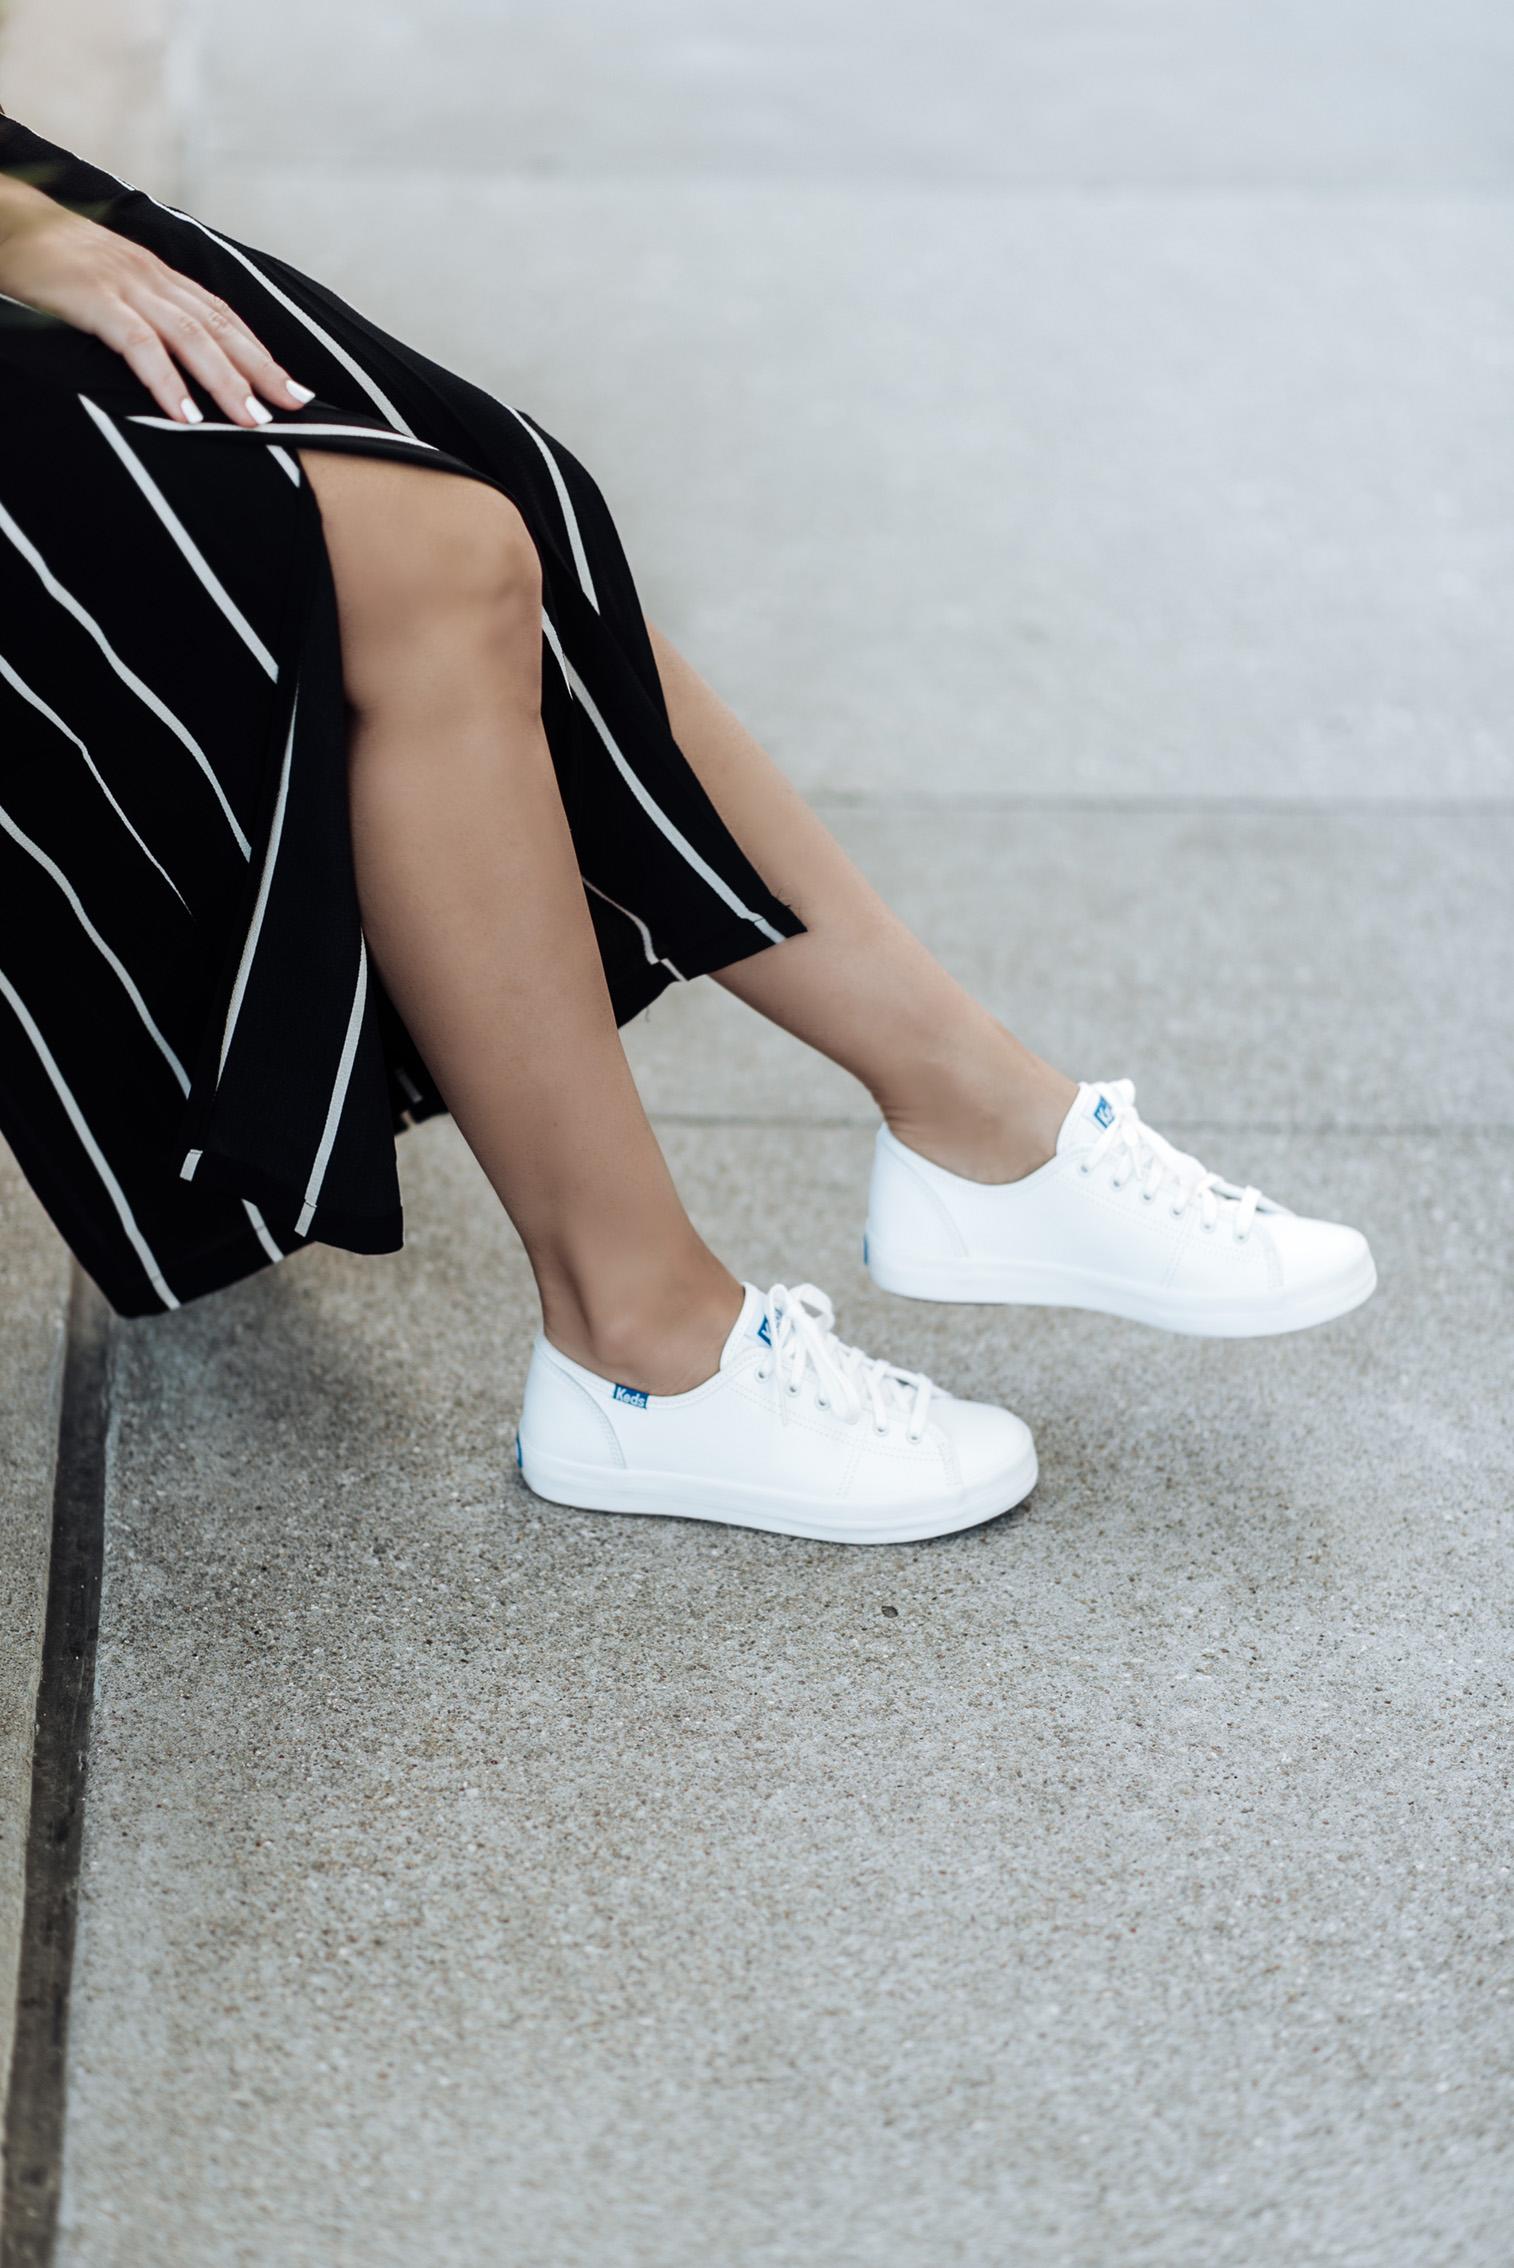 Tiffany Jais fashion and lifestyle blogger of Flaunt and Center   Houston fashion blogger   Streetstyle blog   {C/O Keds   Striped pants (Similar style)   White tee (similar)   Bag  